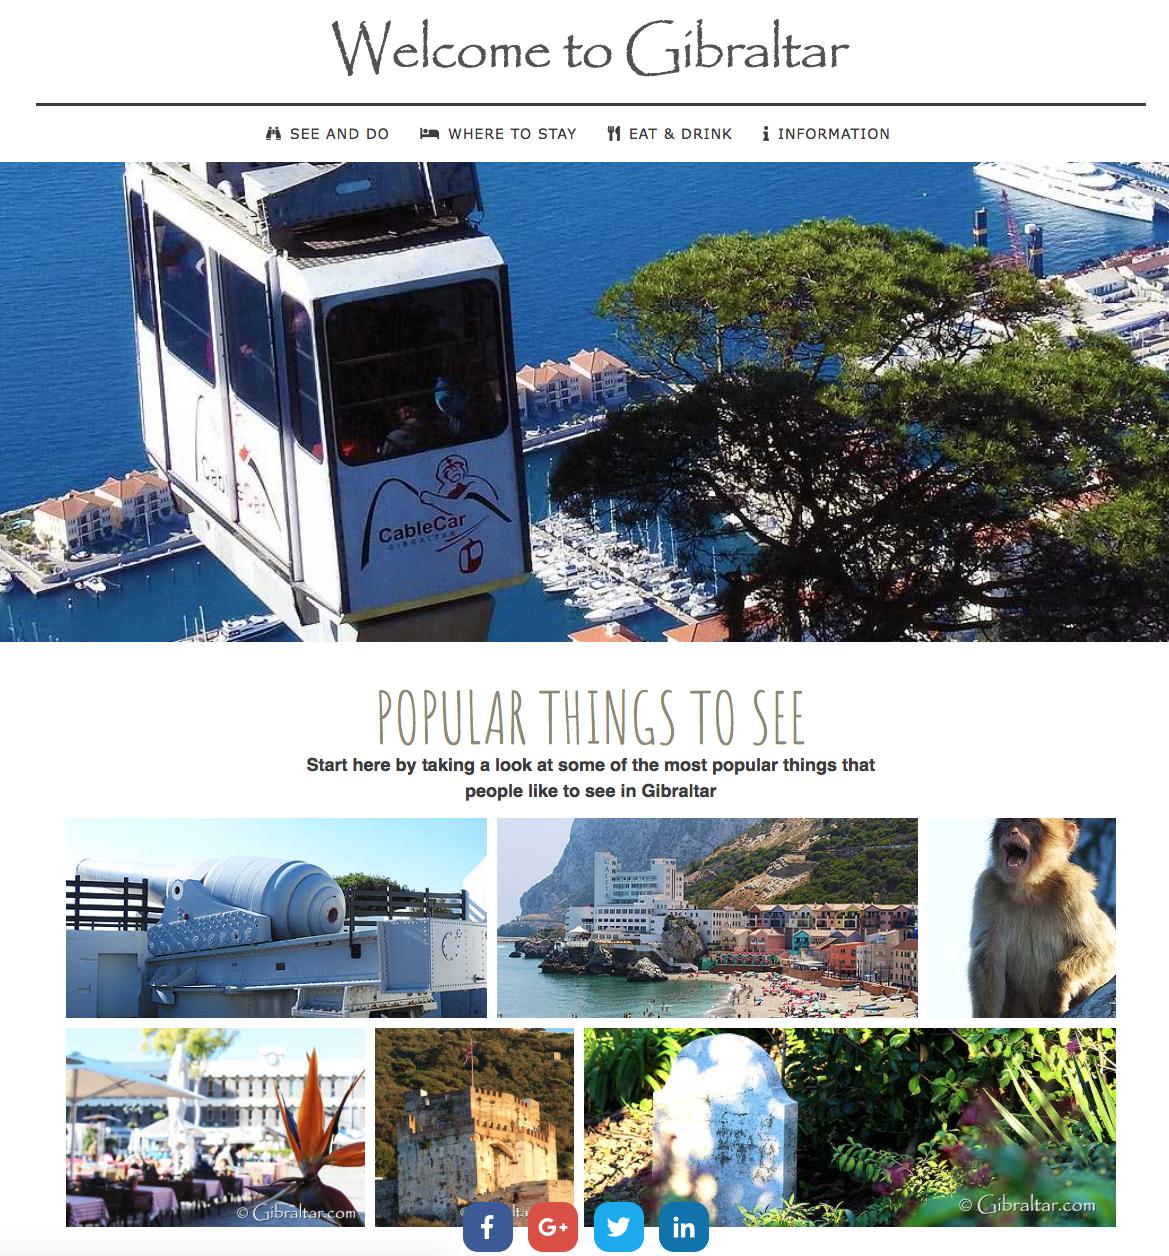 www.gibraltar.com